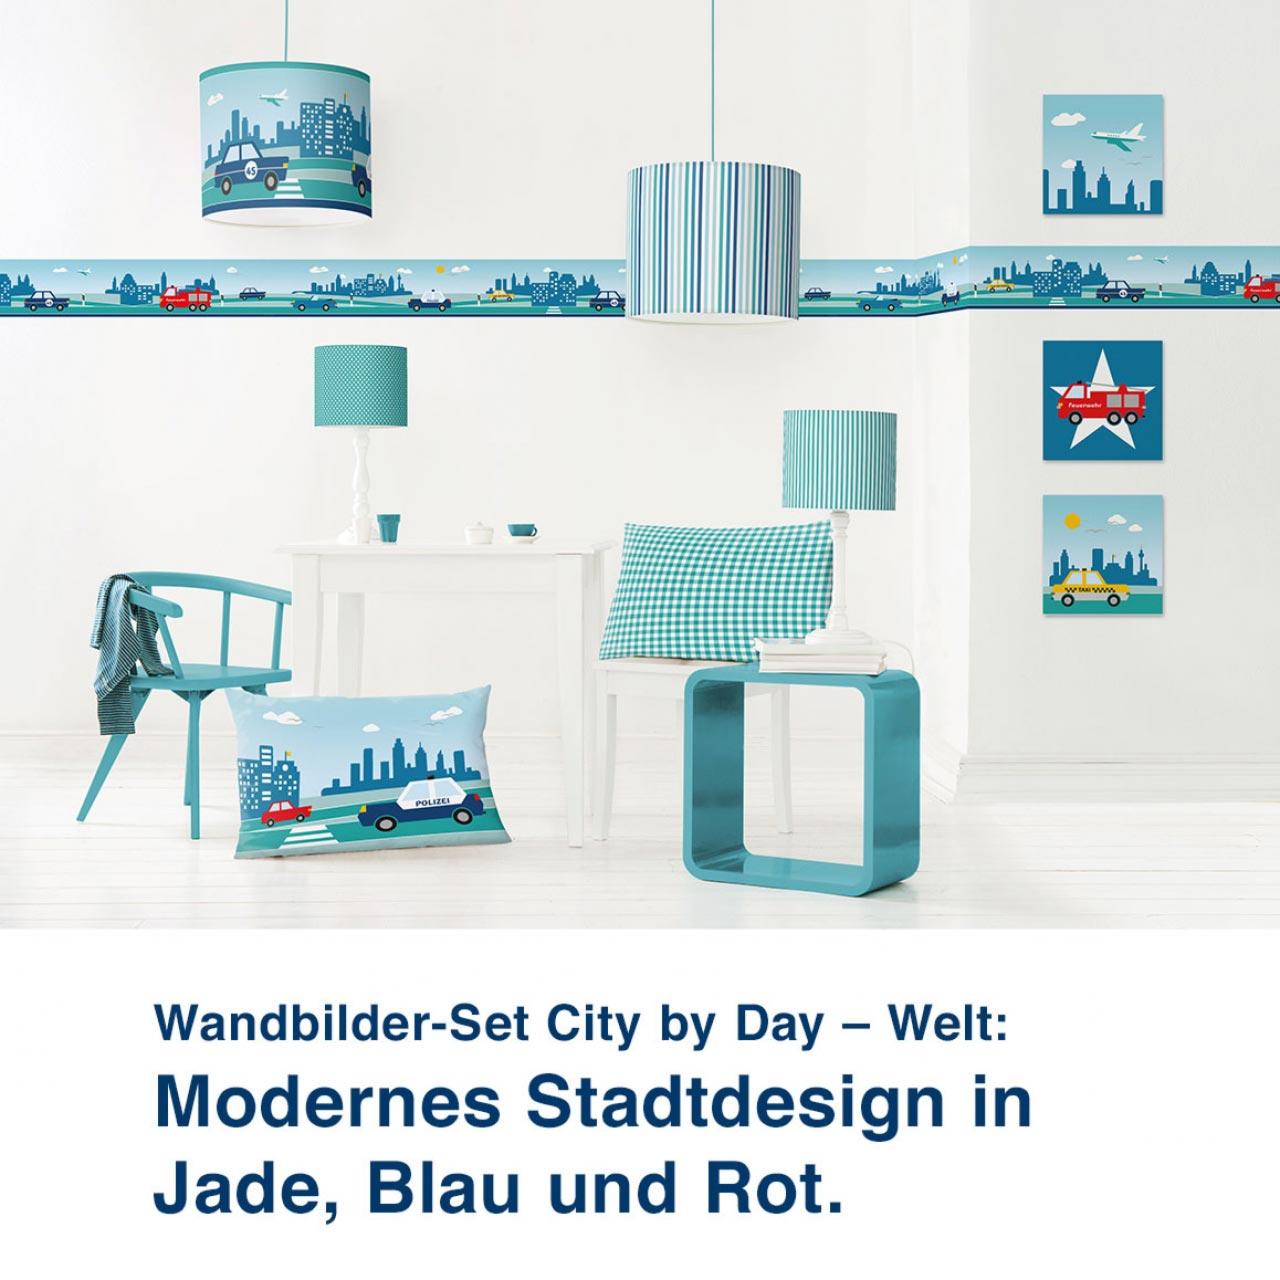 Wandbilder-Set City by Day – Welt:  Modernes Stadtdesign in  Jade, Blau und Rot.